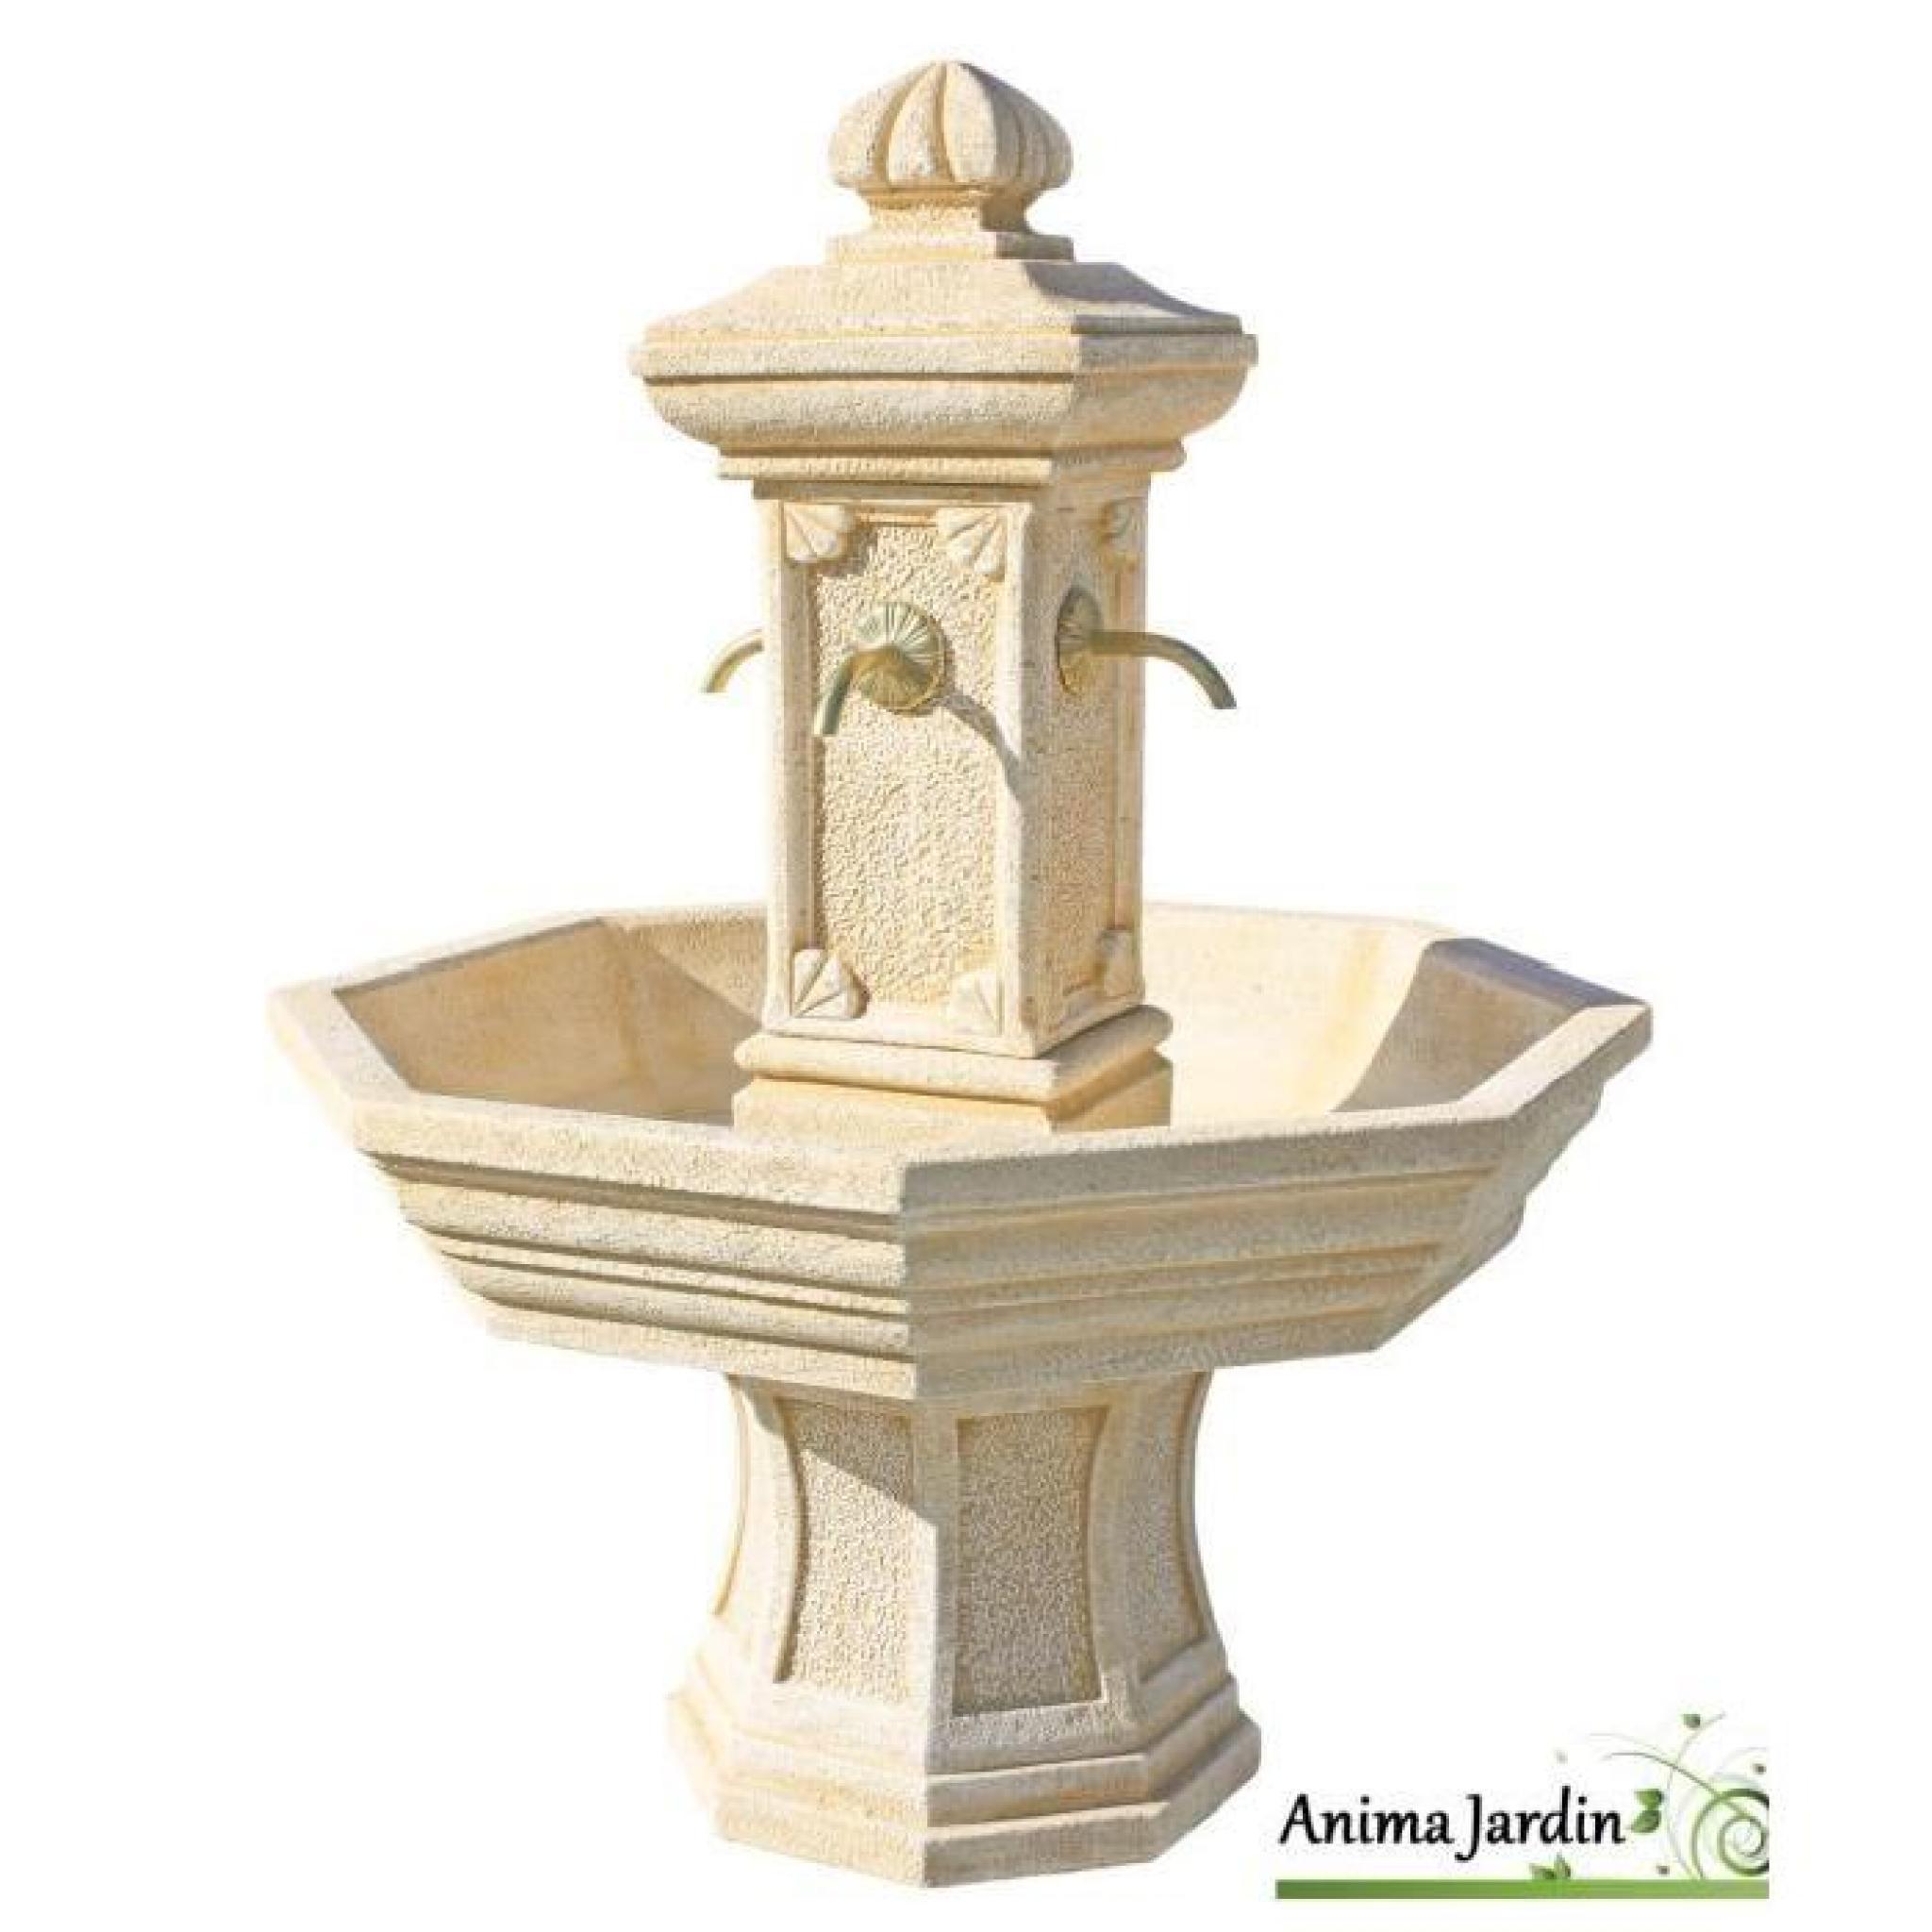 Fontaine Adonis Ocre En Pierre Reconstituée, H 155 concernant Fontaine De Jardin En Pierre Reconstituée